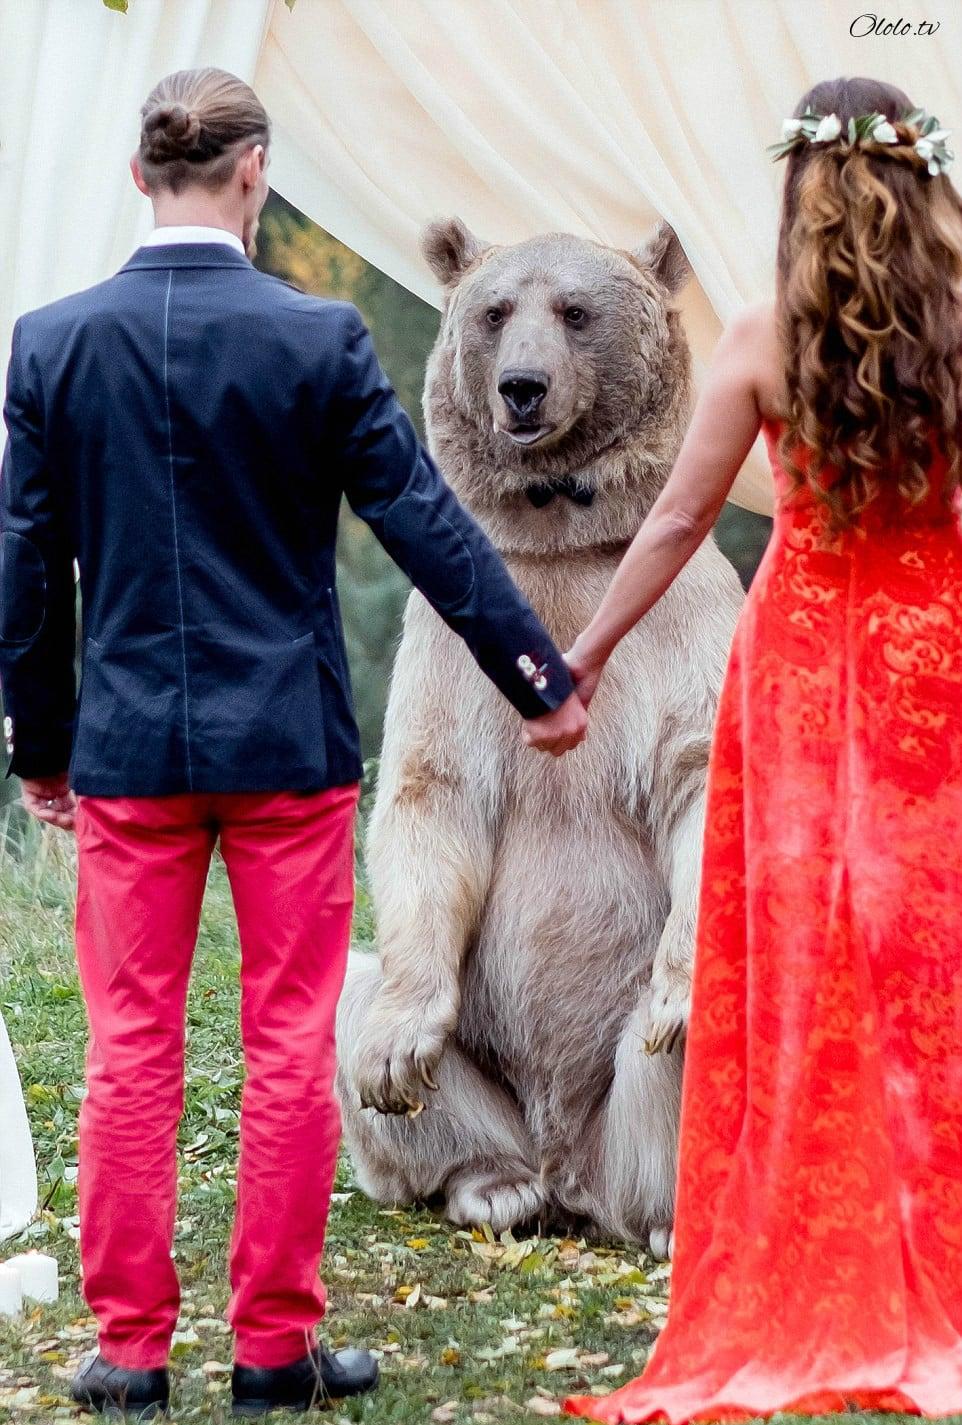 Свадьба по-русски: медведь благословляет жениха и невесту рис 7